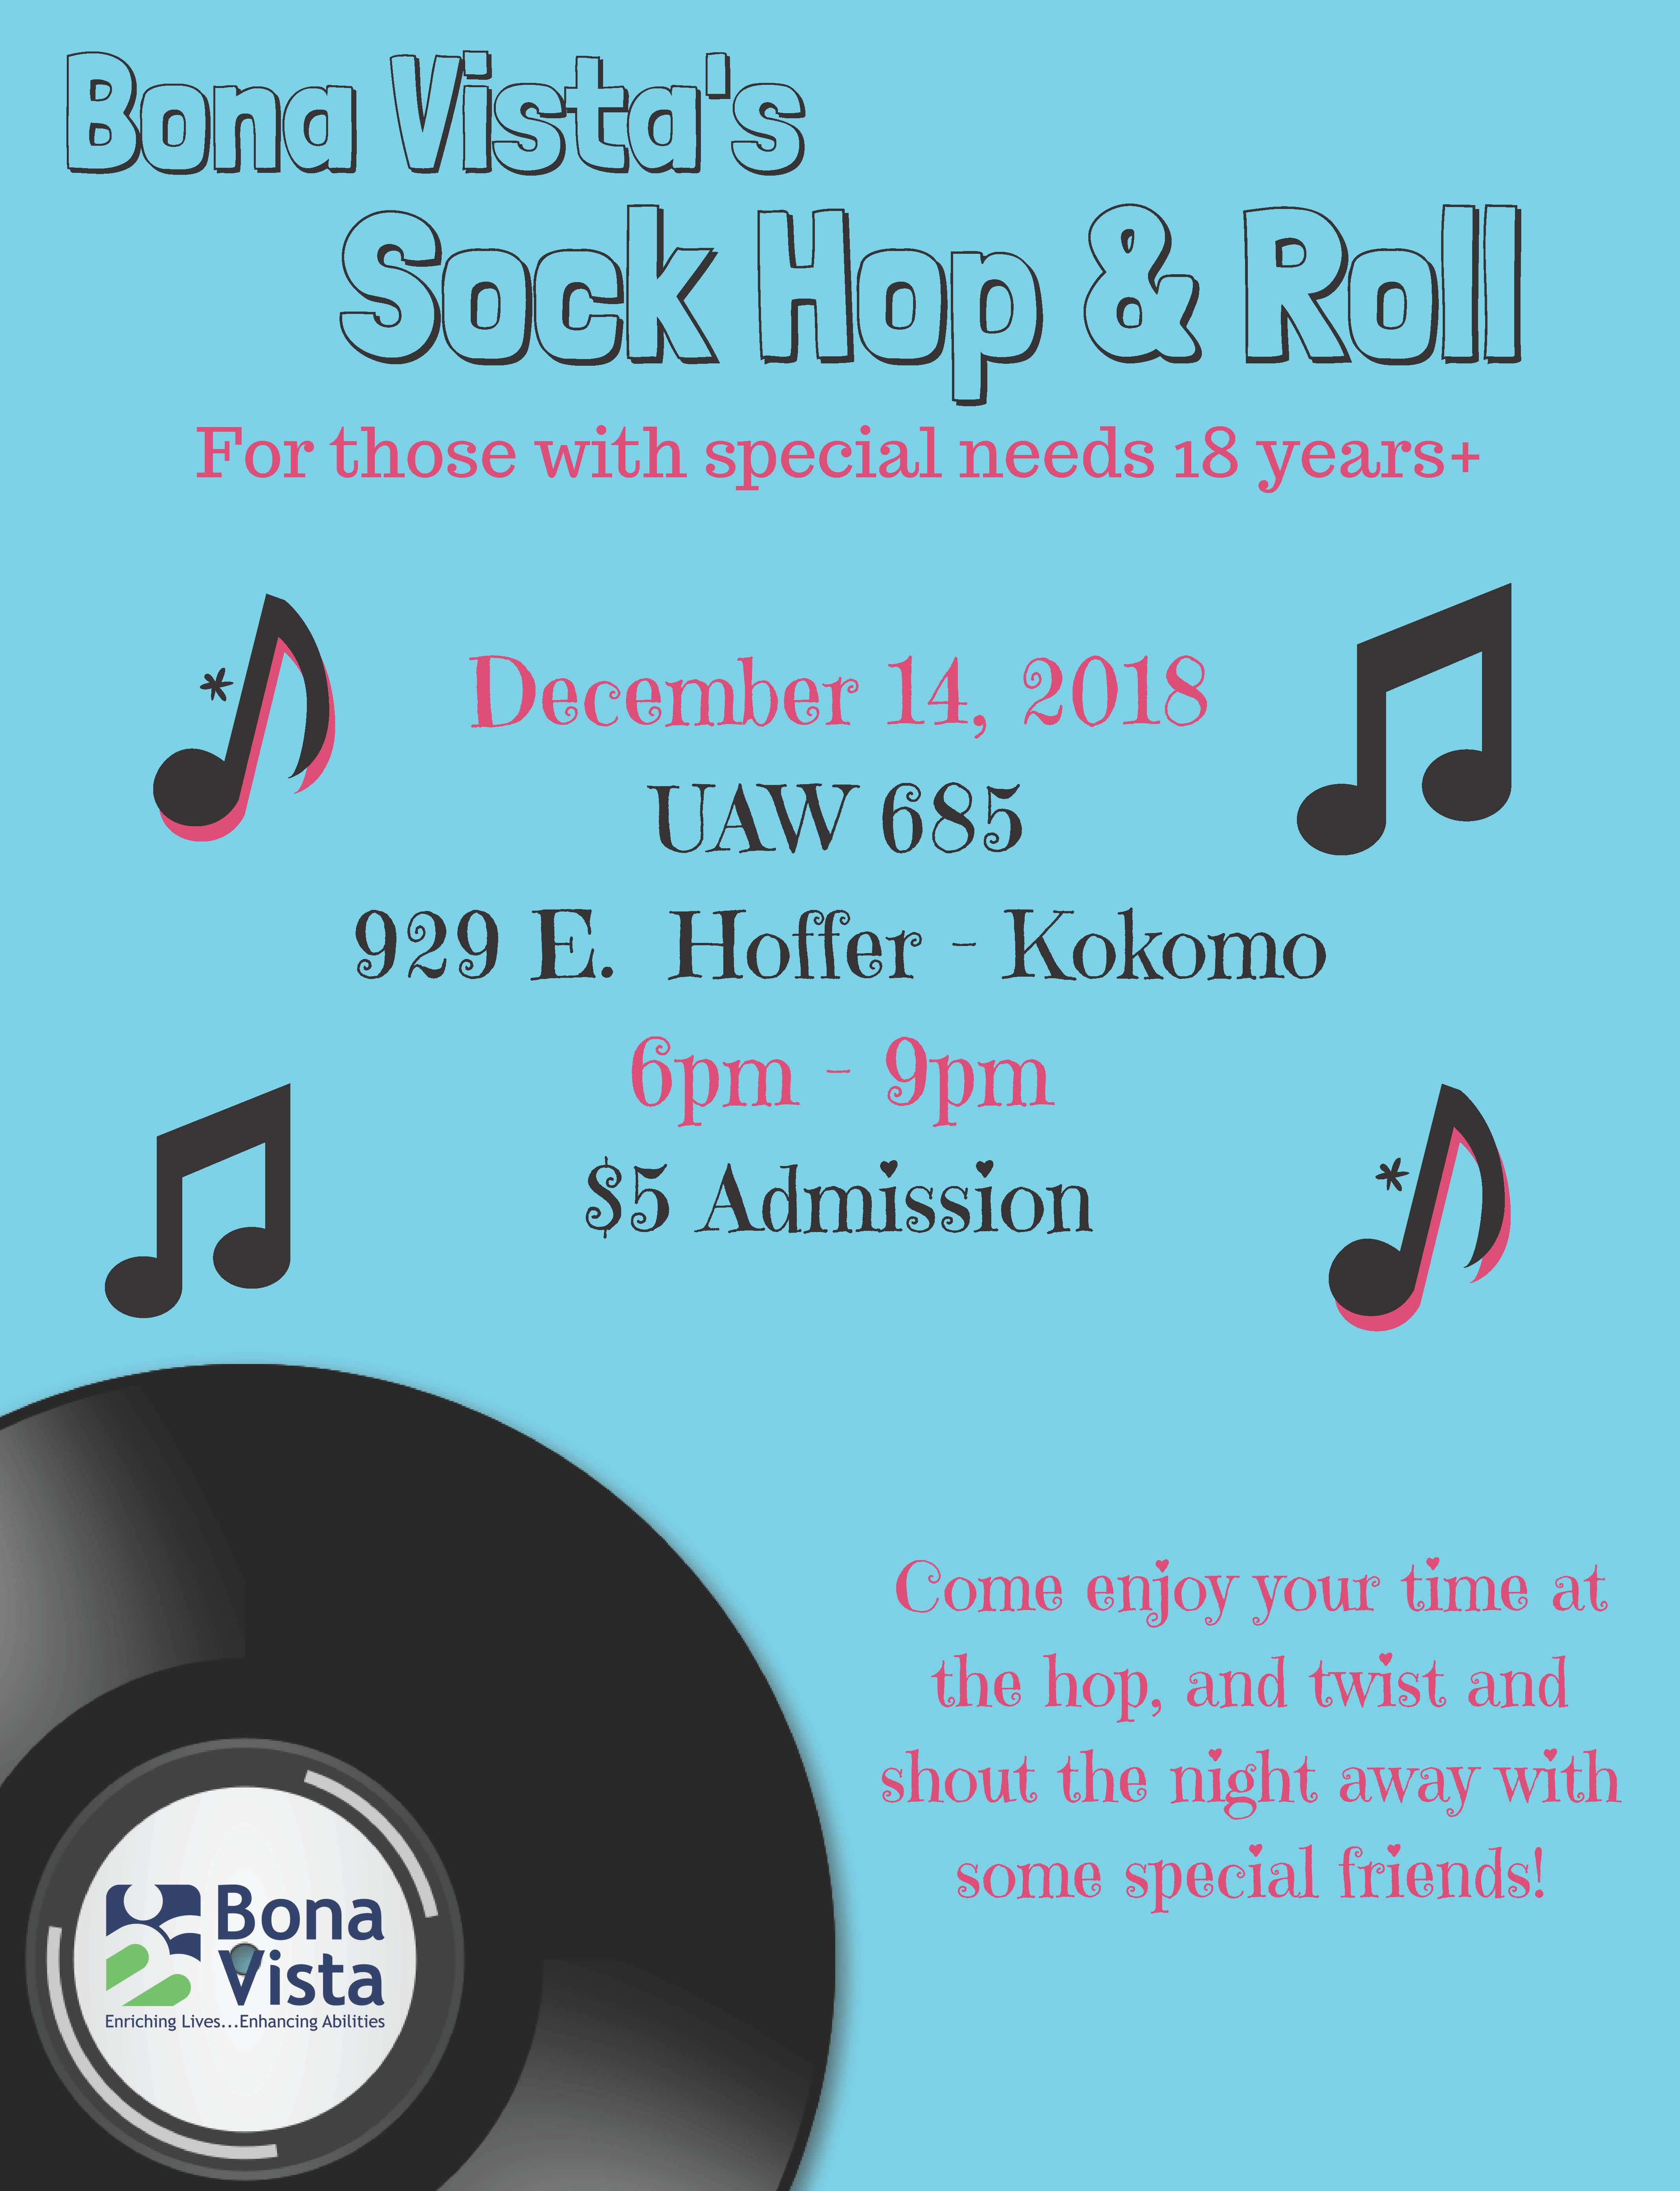 Bona Vista puts on Sock Hop & Roll Dec. 14